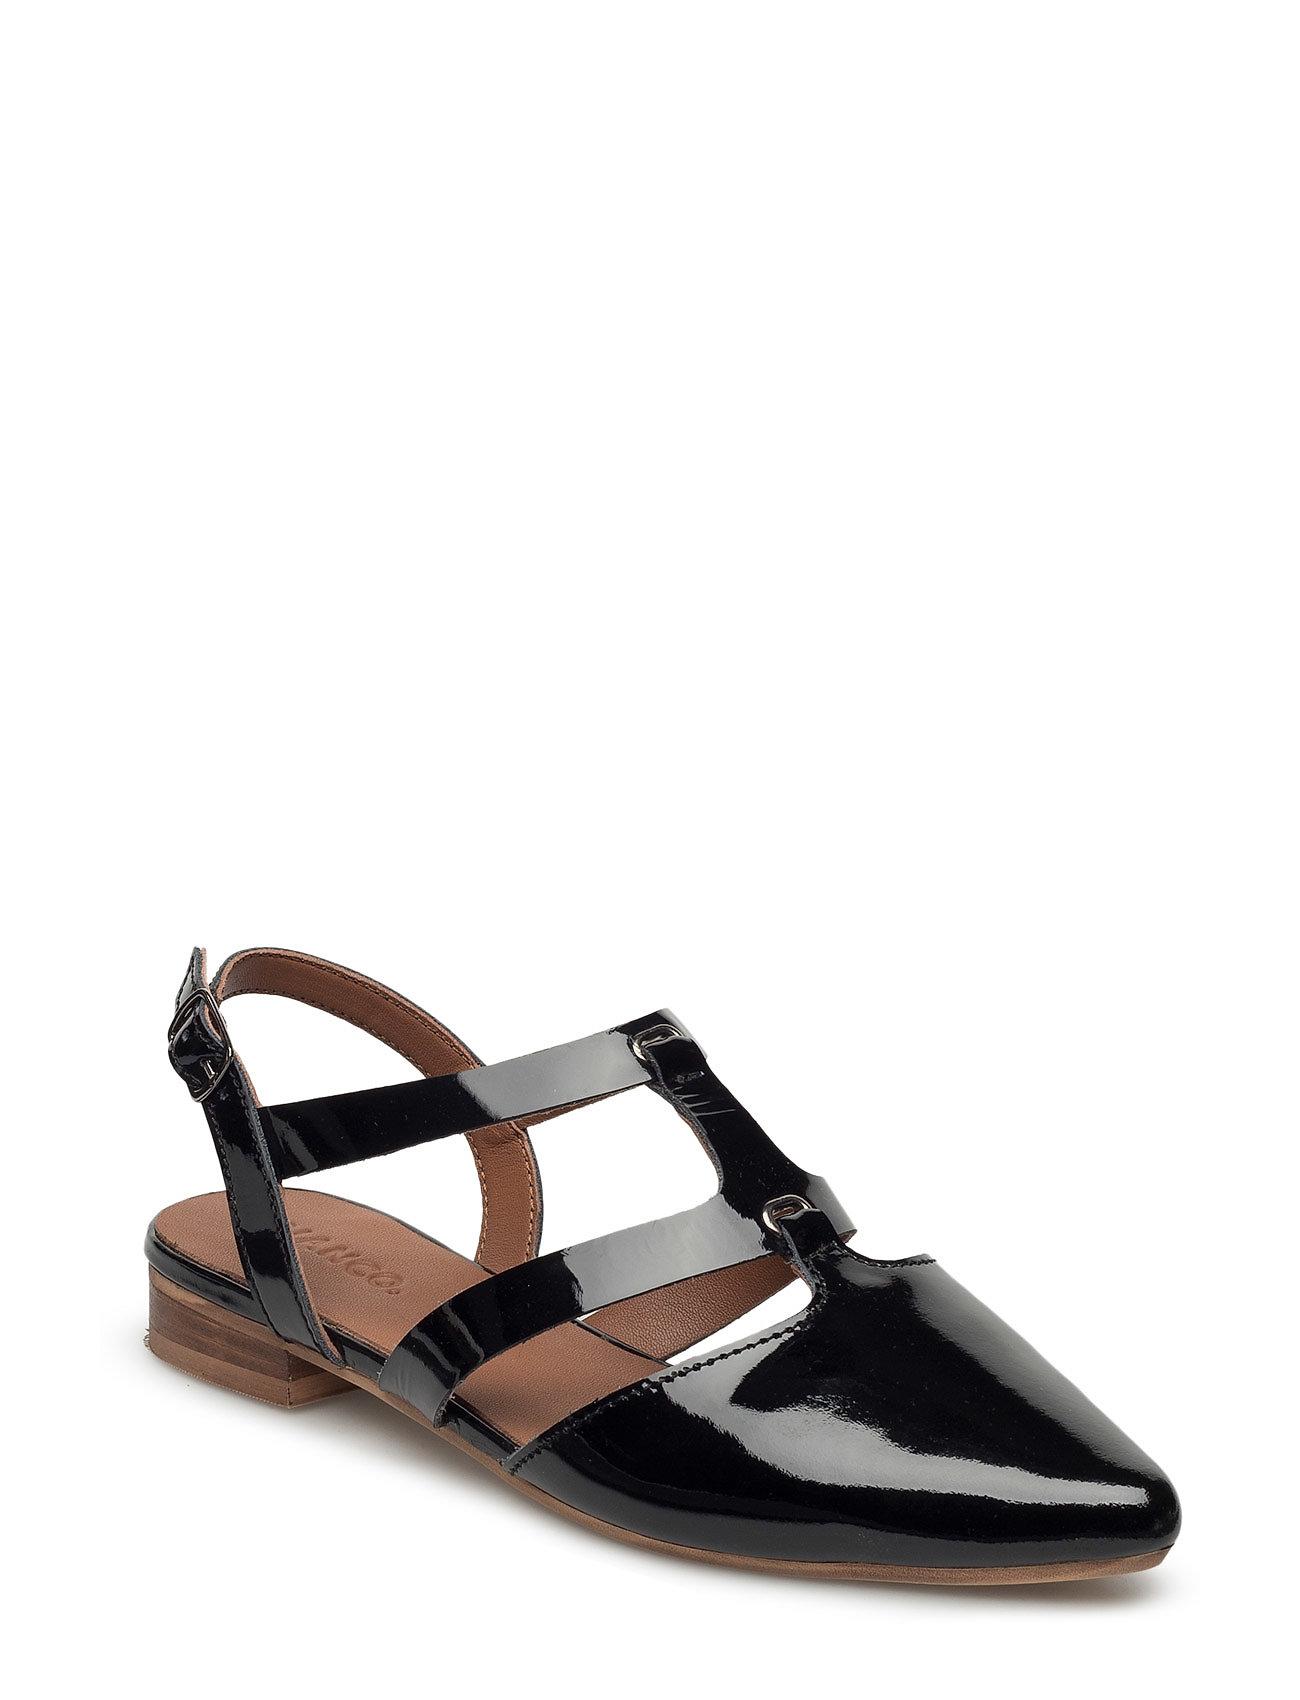 c2e4de69dbe Shop Open Slingback Shoe Mam16 Bianco Sandaler i Sort til Damer fra Boozt.dk